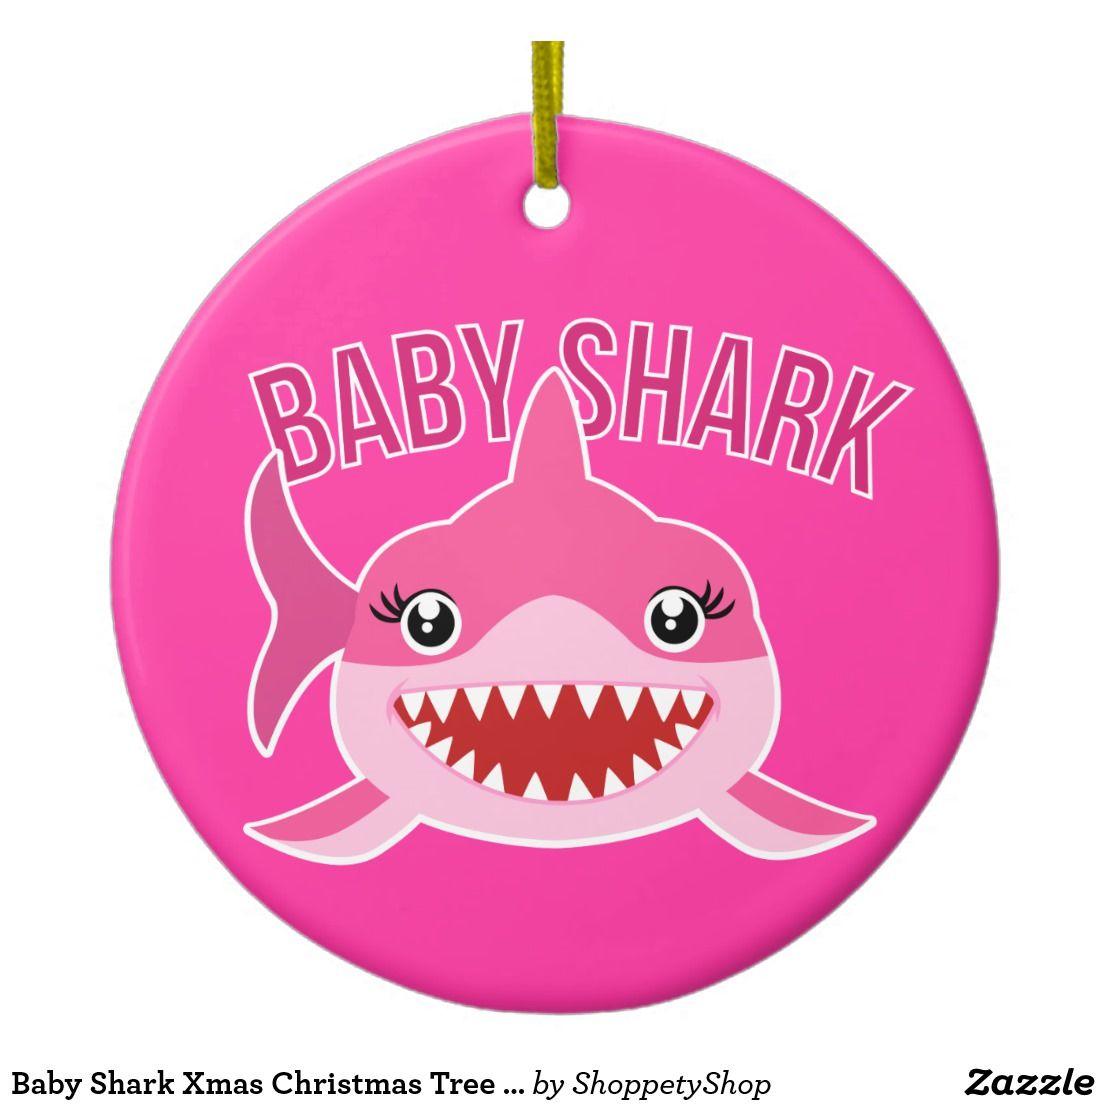 Baby Shark Xmas Christmas Tree Ornament